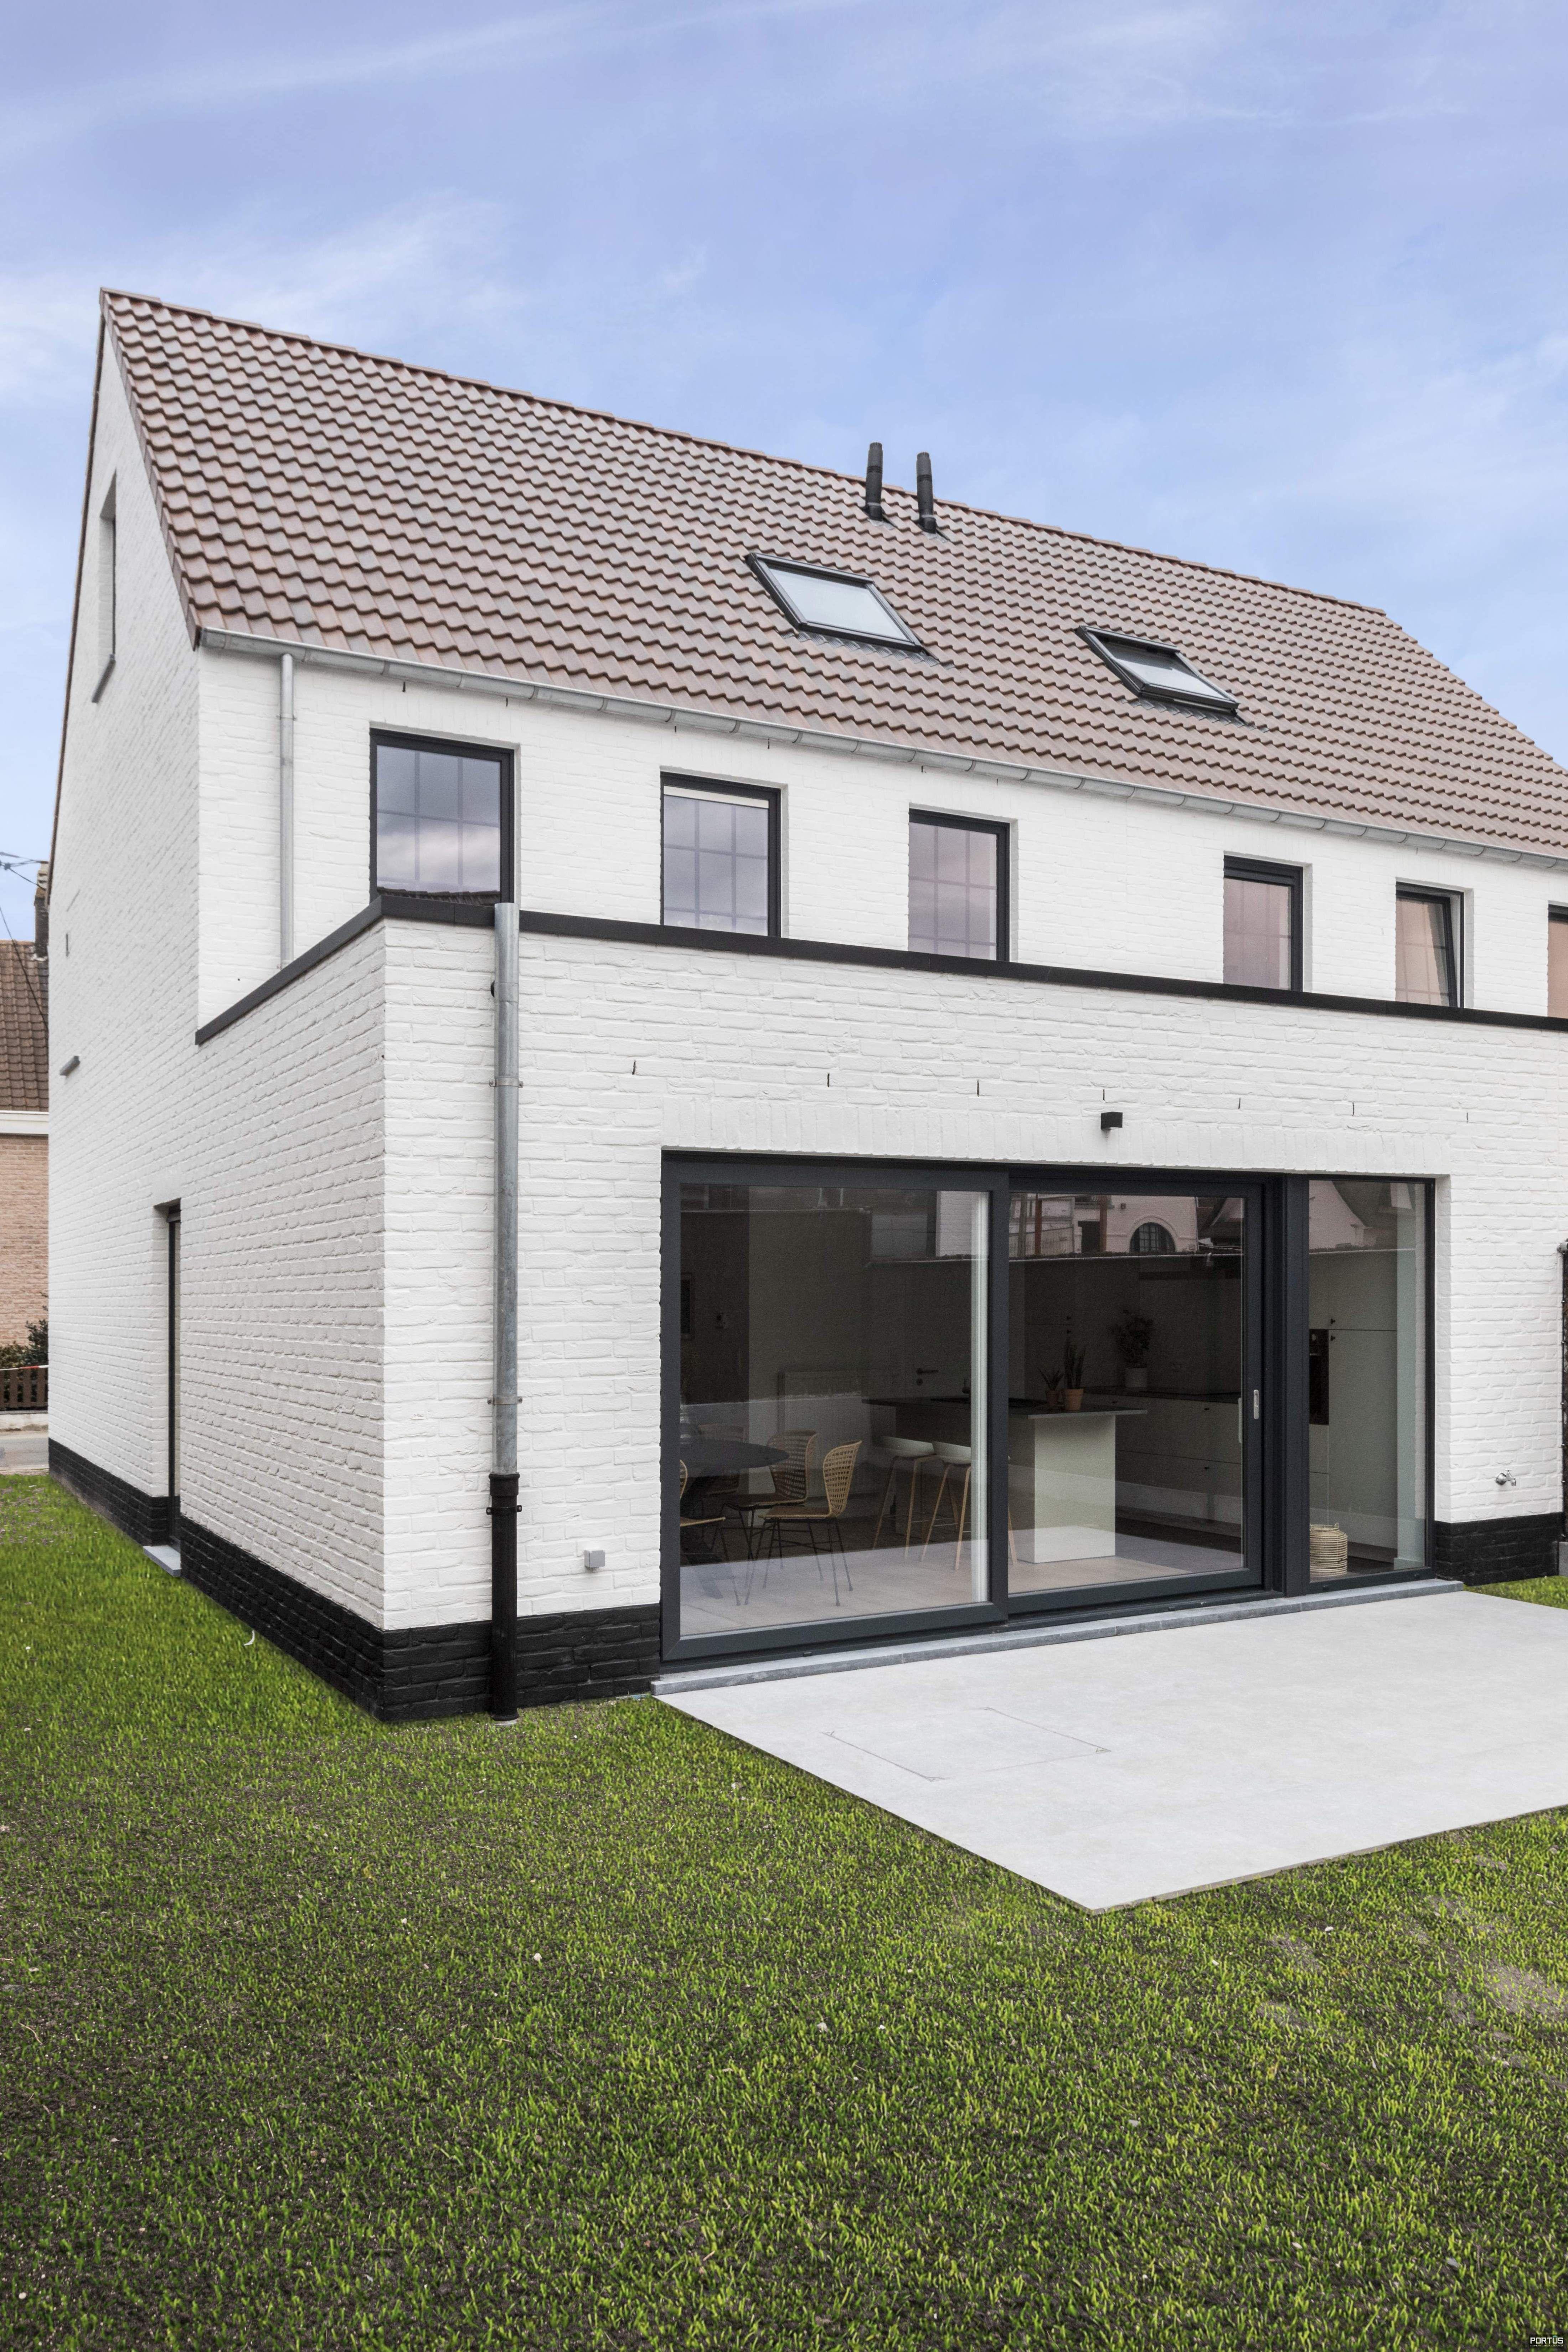 Nieuwbouwwoning met 4 slaapkamers te koop te Lombardsijde - 12152